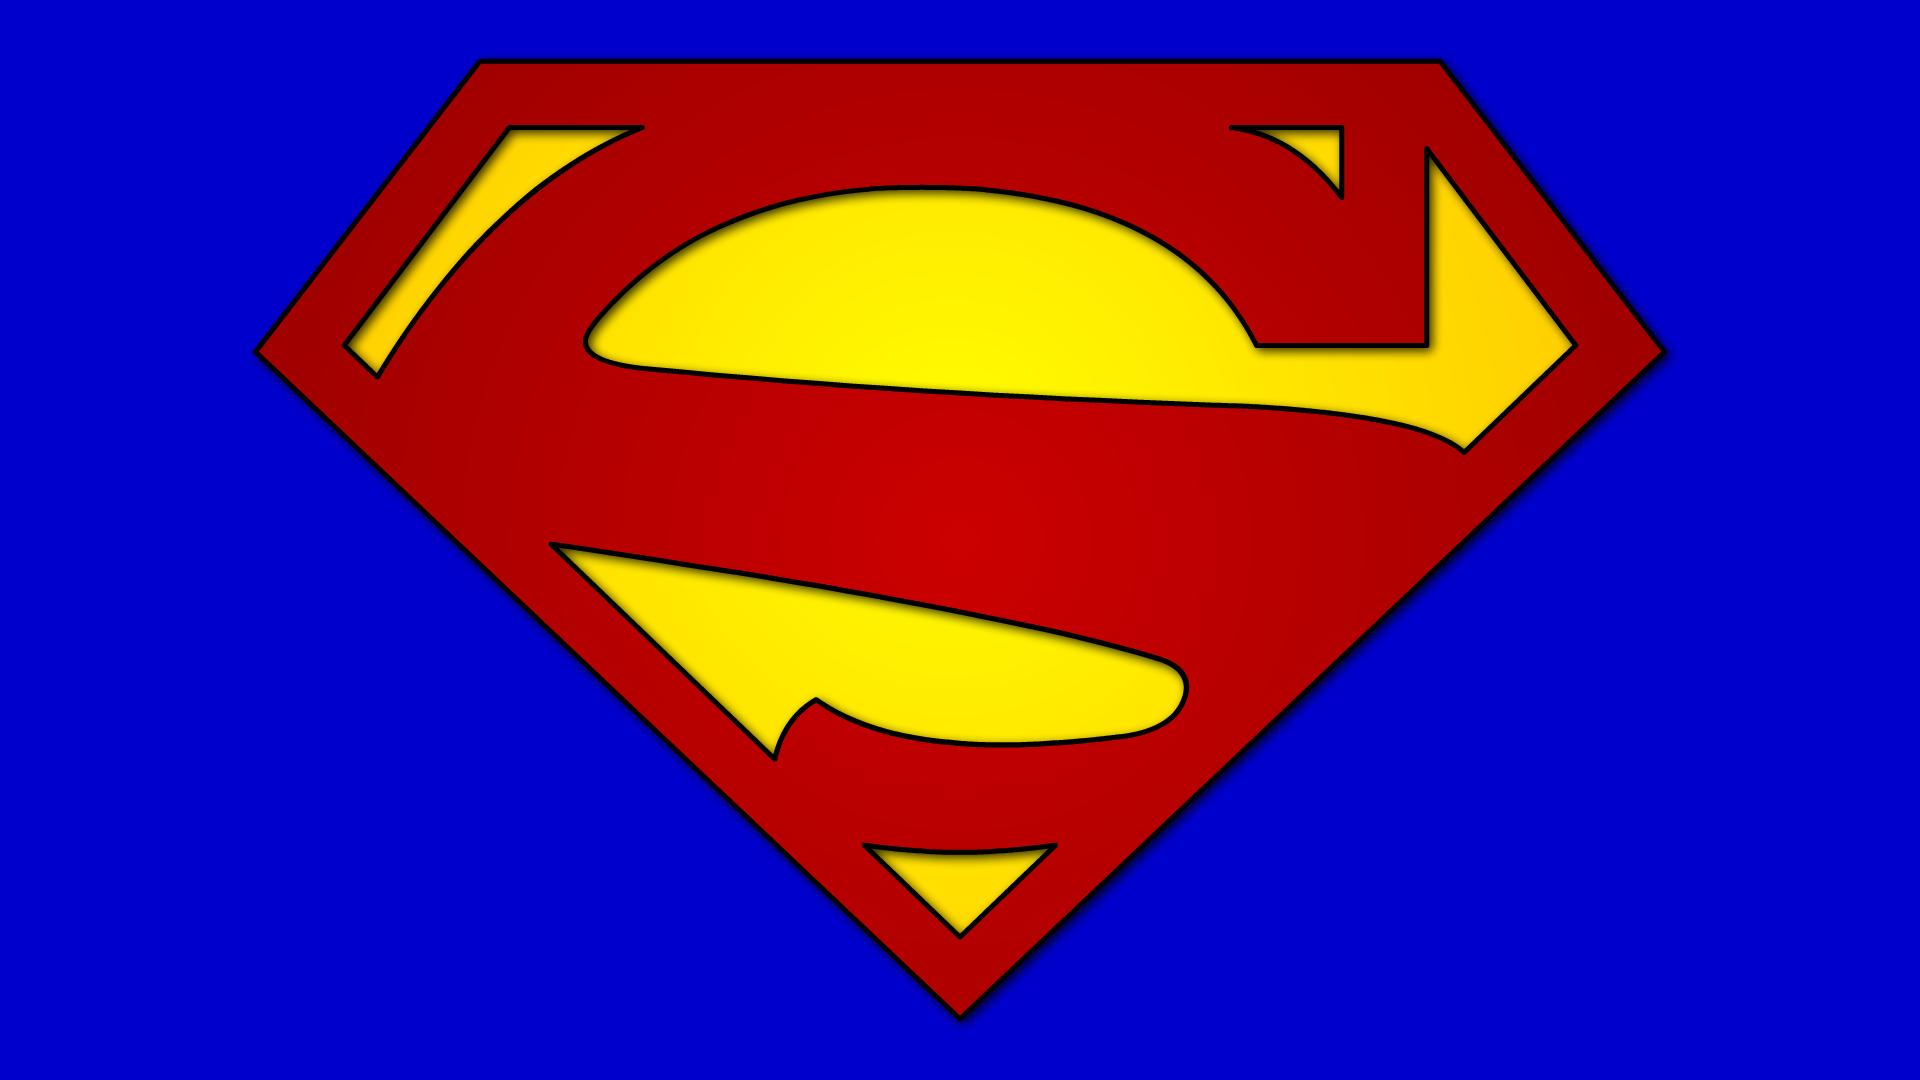 1920x1080 Superman New 52 Symbol By Yurtigo